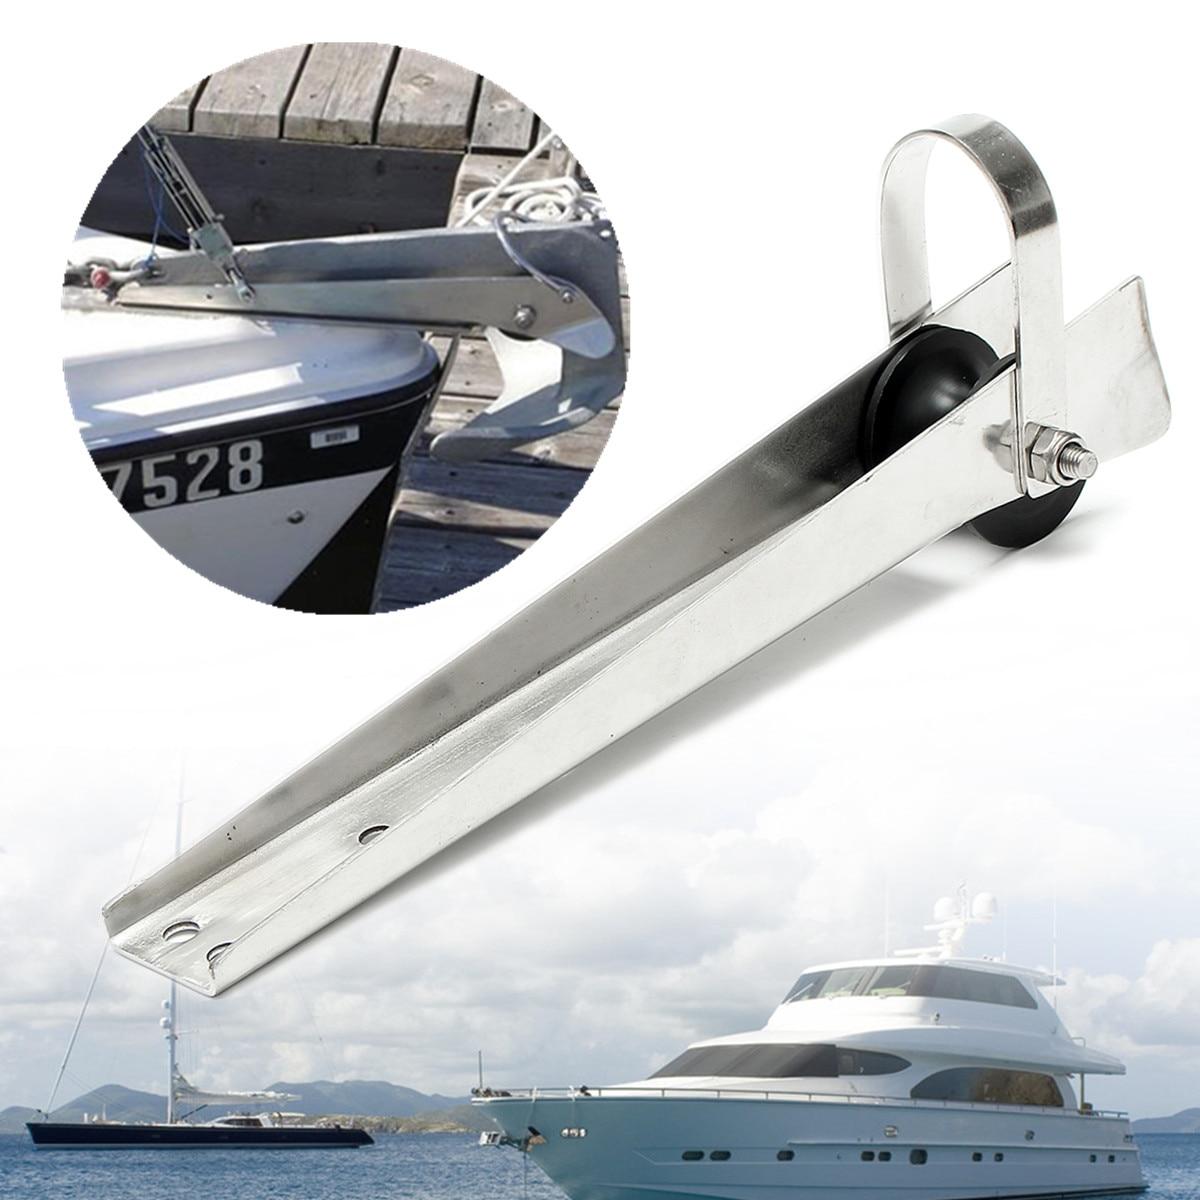 FreeTec acero inoxidable 316 rodillo de ancla de proa rodillo de cadena de rodillo de ancla de barco con perno de resorte